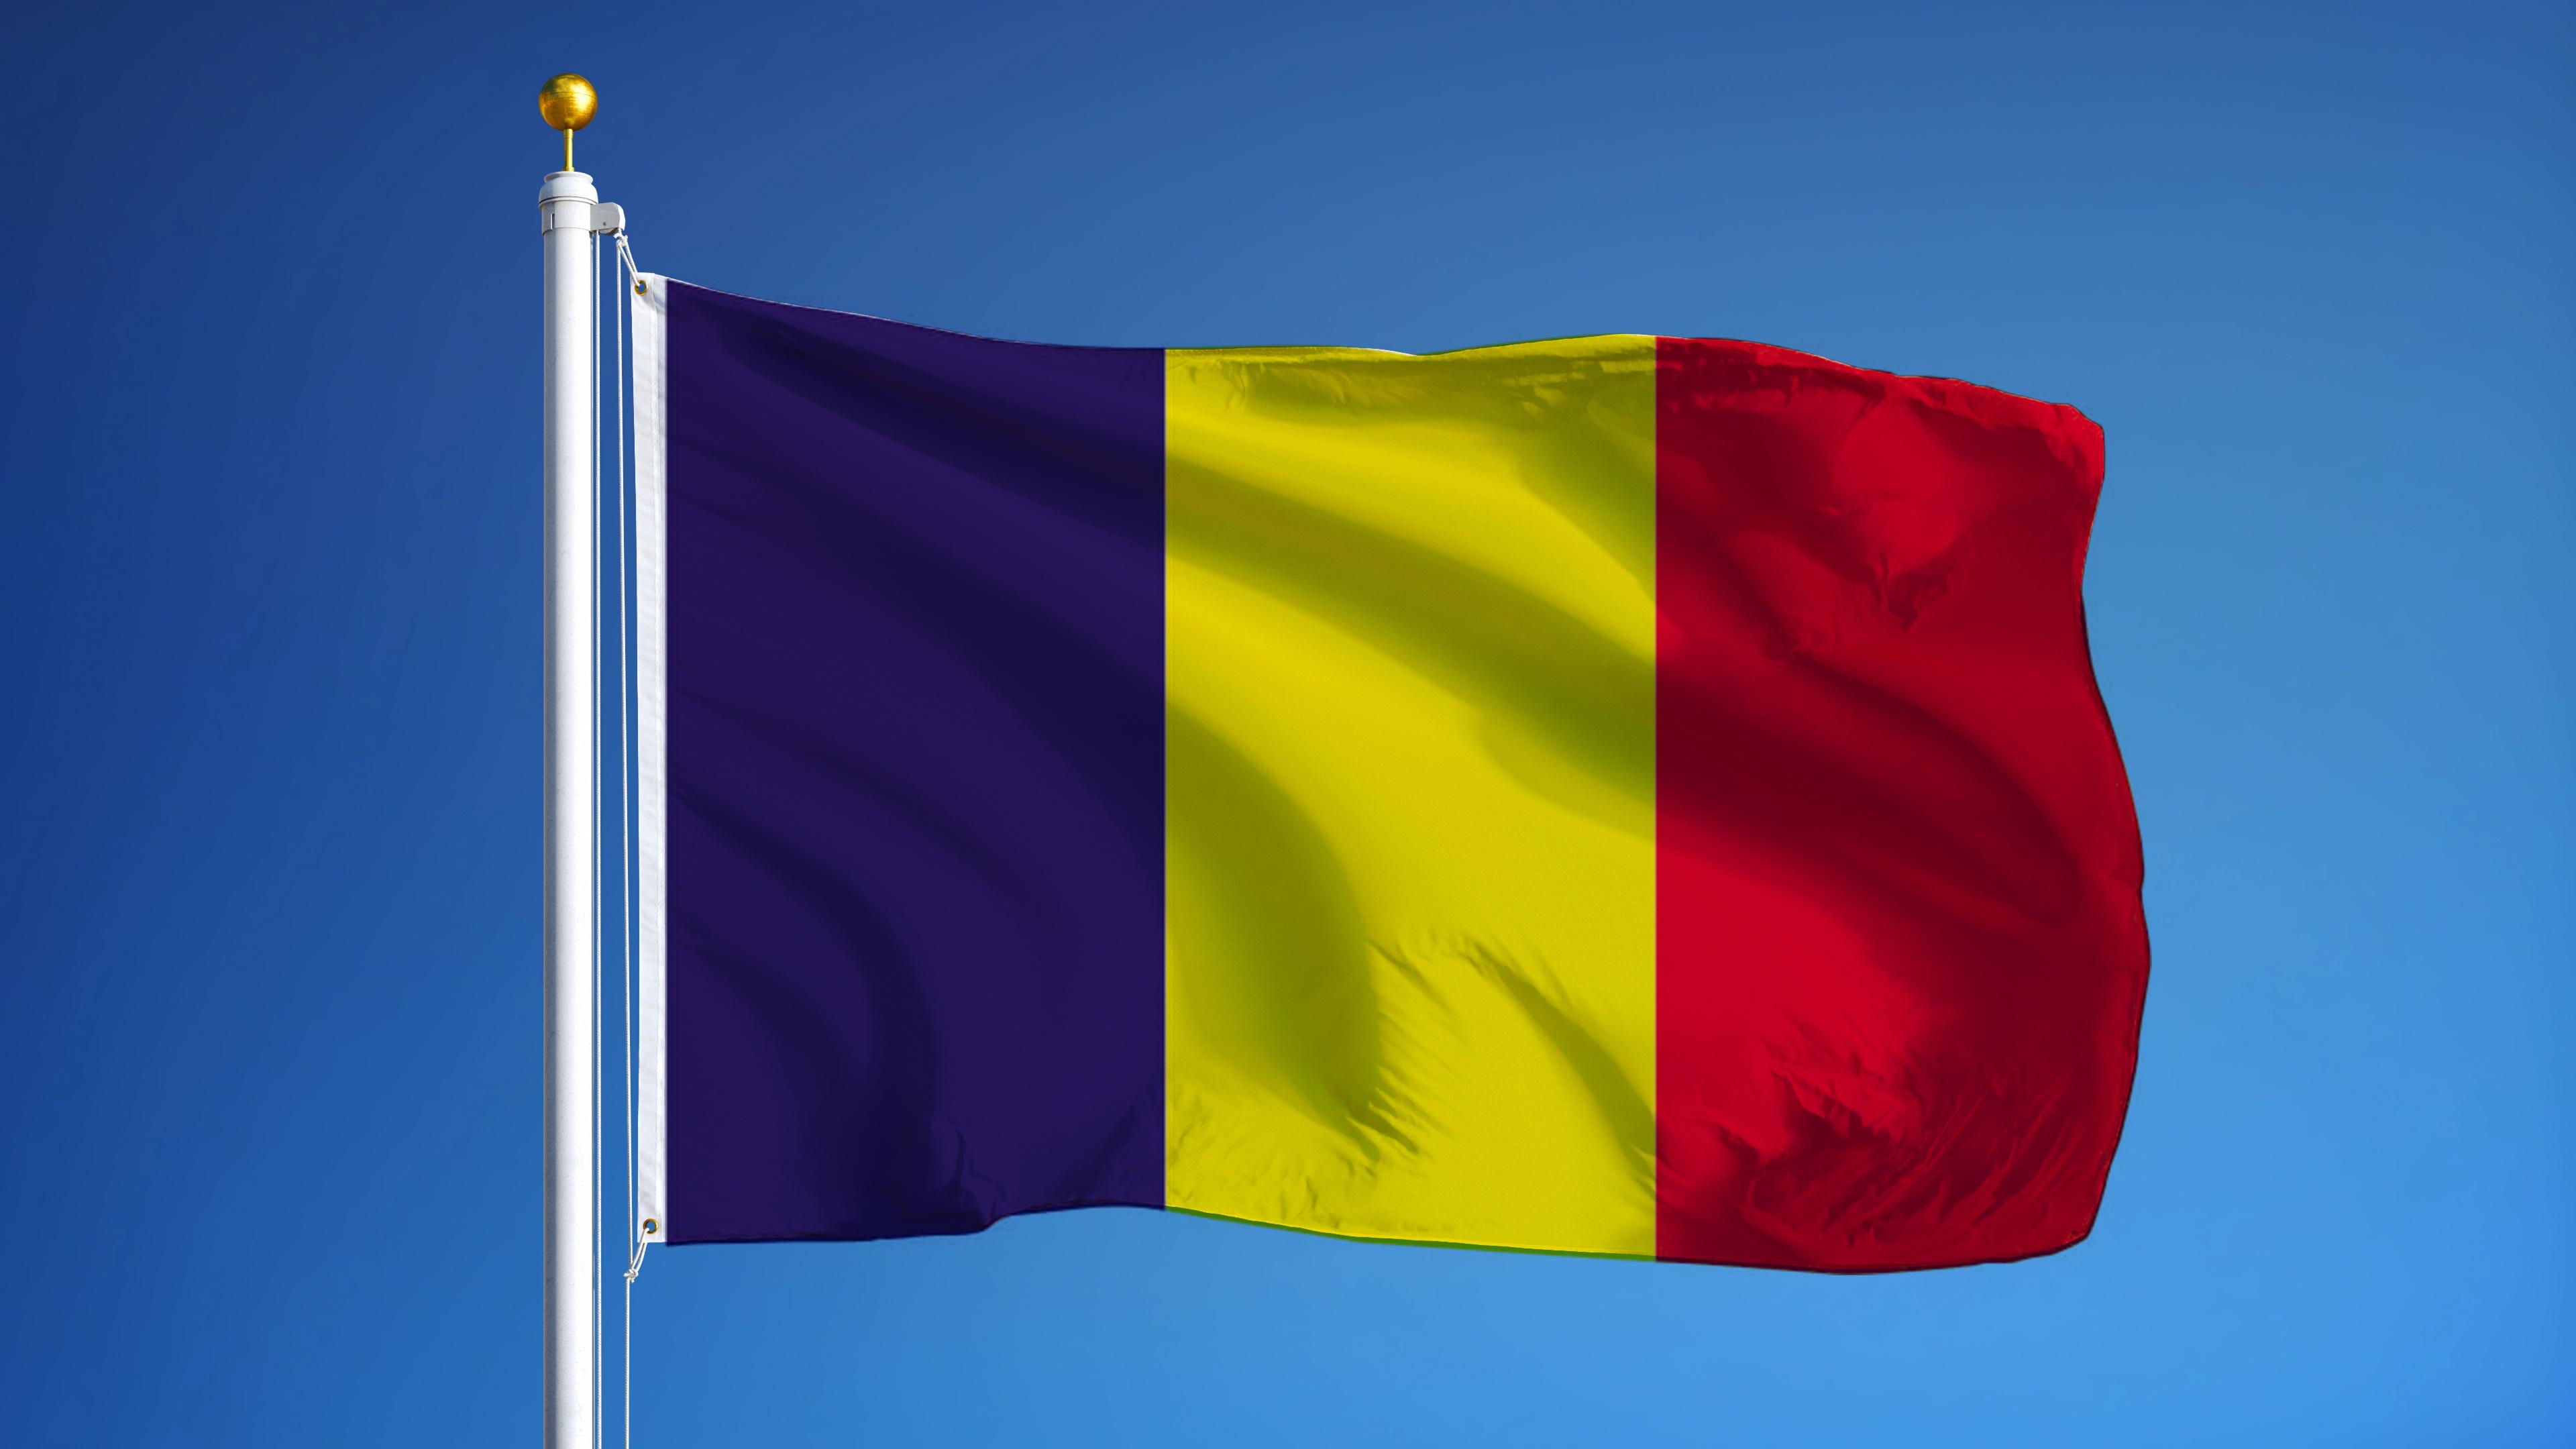 Romanya'nın Başkenti ve Para Birimi Nedir? Romanya'nın Bayrağı Nasıldır?